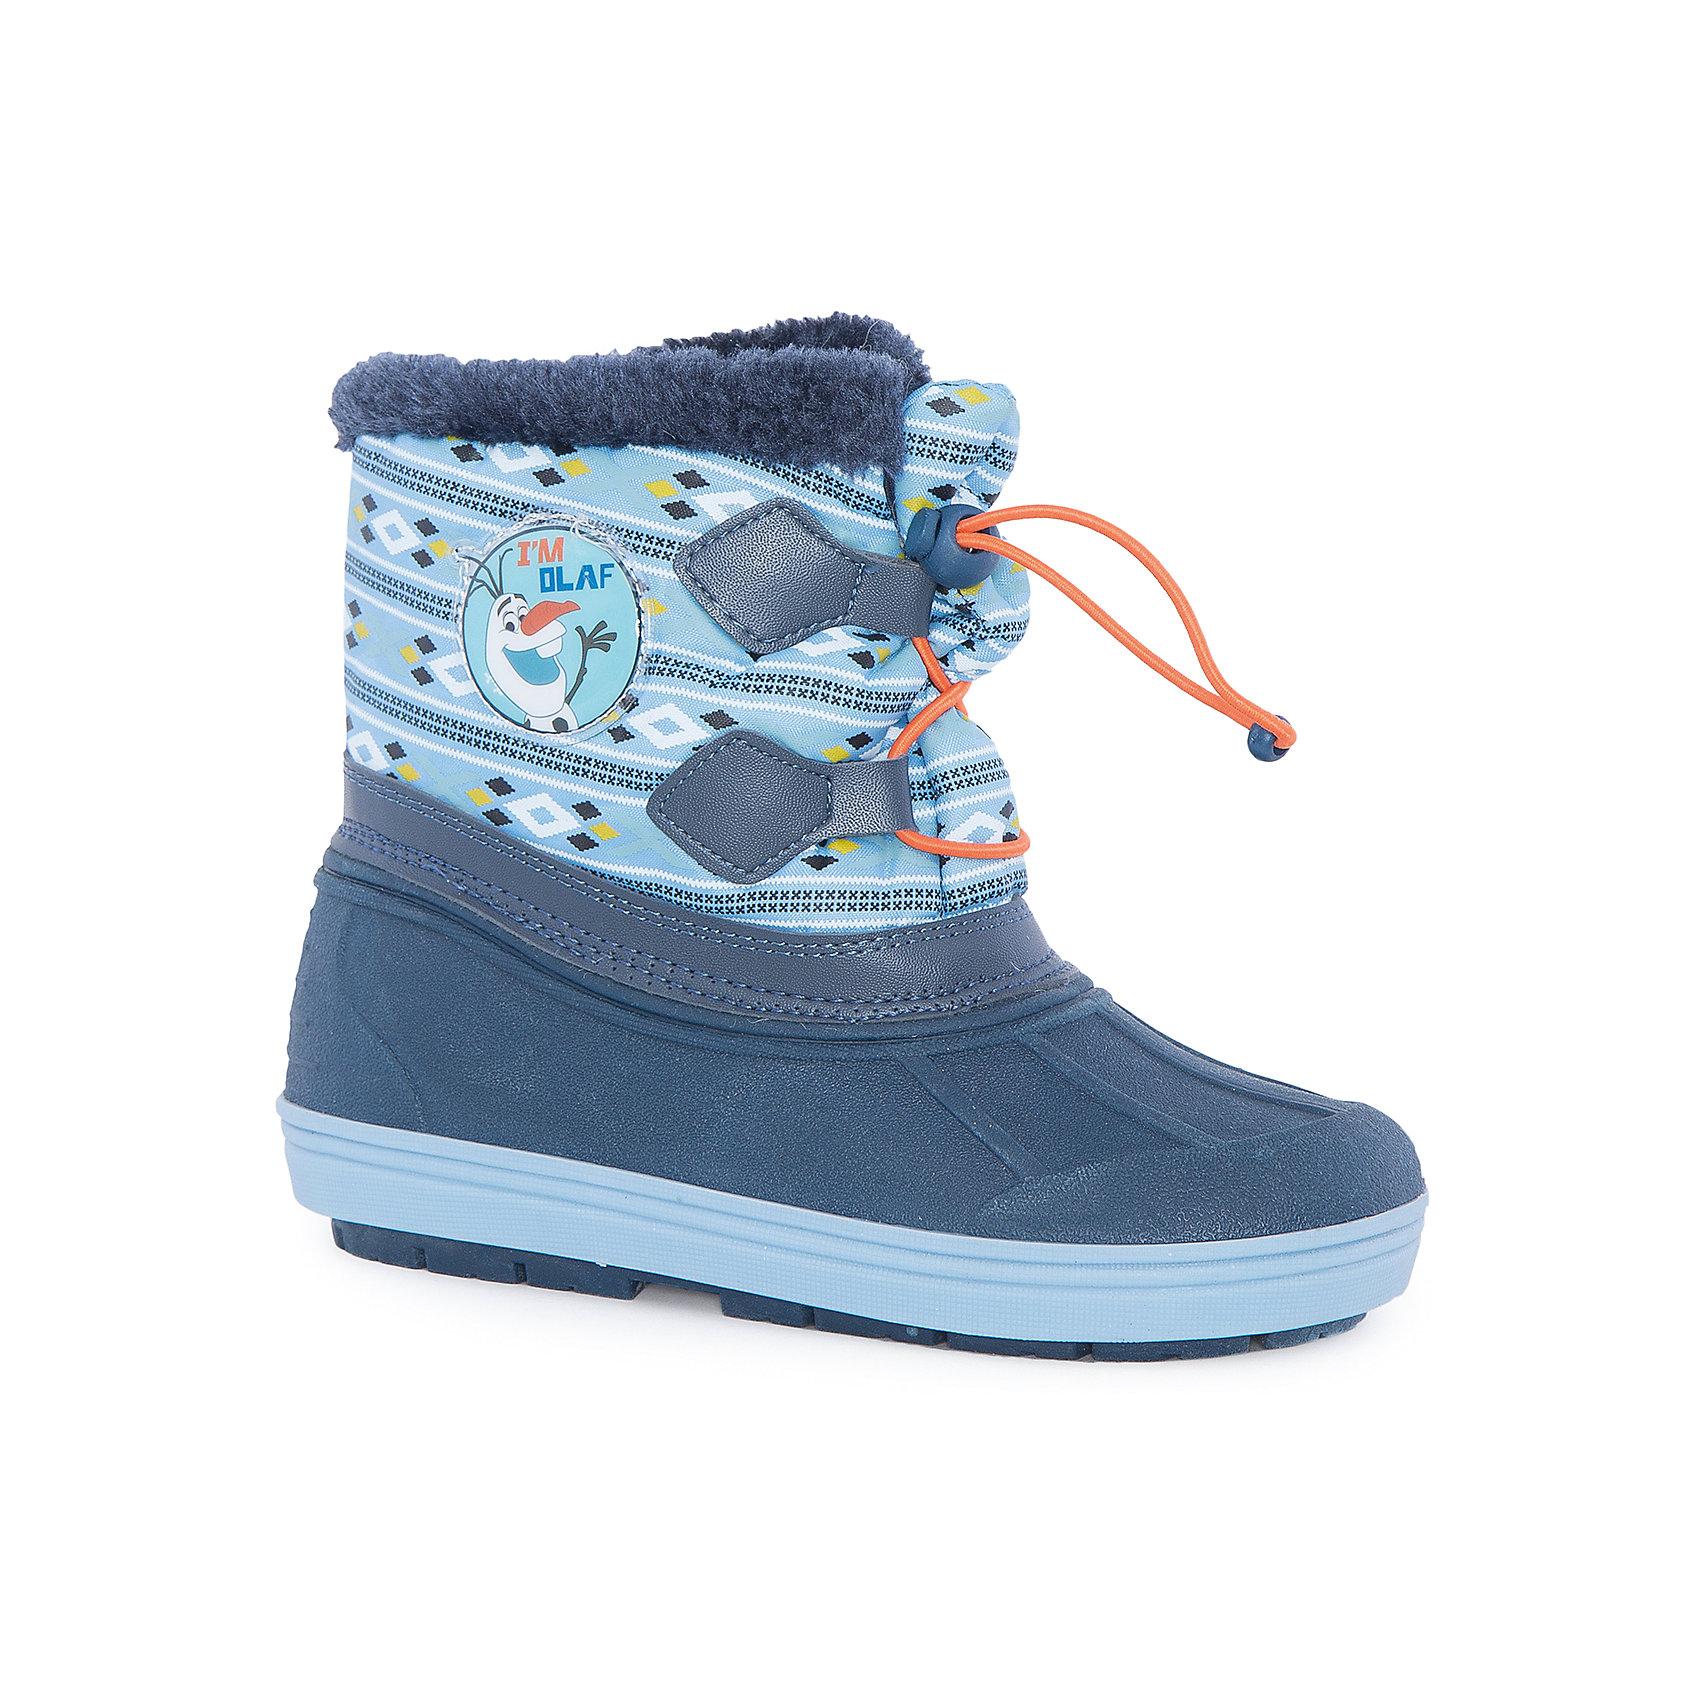 Сноубутсы Холодное сердце для девочки MursuОбувь<br>Сноубутсы для девочки MURSU (Мурсу).<br><br>Характеристики:<br><br>• цвет: синий/голубой<br>• температурный режим до -25С<br>• верхний материал: искусственные материалы, текстиль<br>• внутренний материал: искуственный мех, натуральная шерсть<br>• стелька: натуральная шерсть<br>• подошва: ТЭП<br>• утяжка по высоте сноубутсов<br>• сезон: зима<br><br>Сноубутсы MURSU созданы специально для любителей мультфильма Холодное сердце, ведь сбоку они украшены изображением веселого снеговика. Меховая подкладка и стелька подарят комфорт и тепло во время прогулки. Модель имеет рифленую устойчивую подошву и меховой выступ по верху. Спереди сноубутсы утягиваются по толщине ноги. Прекрасный выбор для любителей длительных прогулок!<br><br>Сноубутсы для девочки MURSU (Мурсу) вы можете приобрести в нашем интернет-магазине.<br><br>Ширина мм: 262<br>Глубина мм: 176<br>Высота мм: 97<br>Вес г: 427<br>Цвет: голубой<br>Возраст от месяцев: 60<br>Возраст до месяцев: 72<br>Пол: Женский<br>Возраст: Детский<br>Размер: 29,28,30,25,24,27,26<br>SKU: 4861716